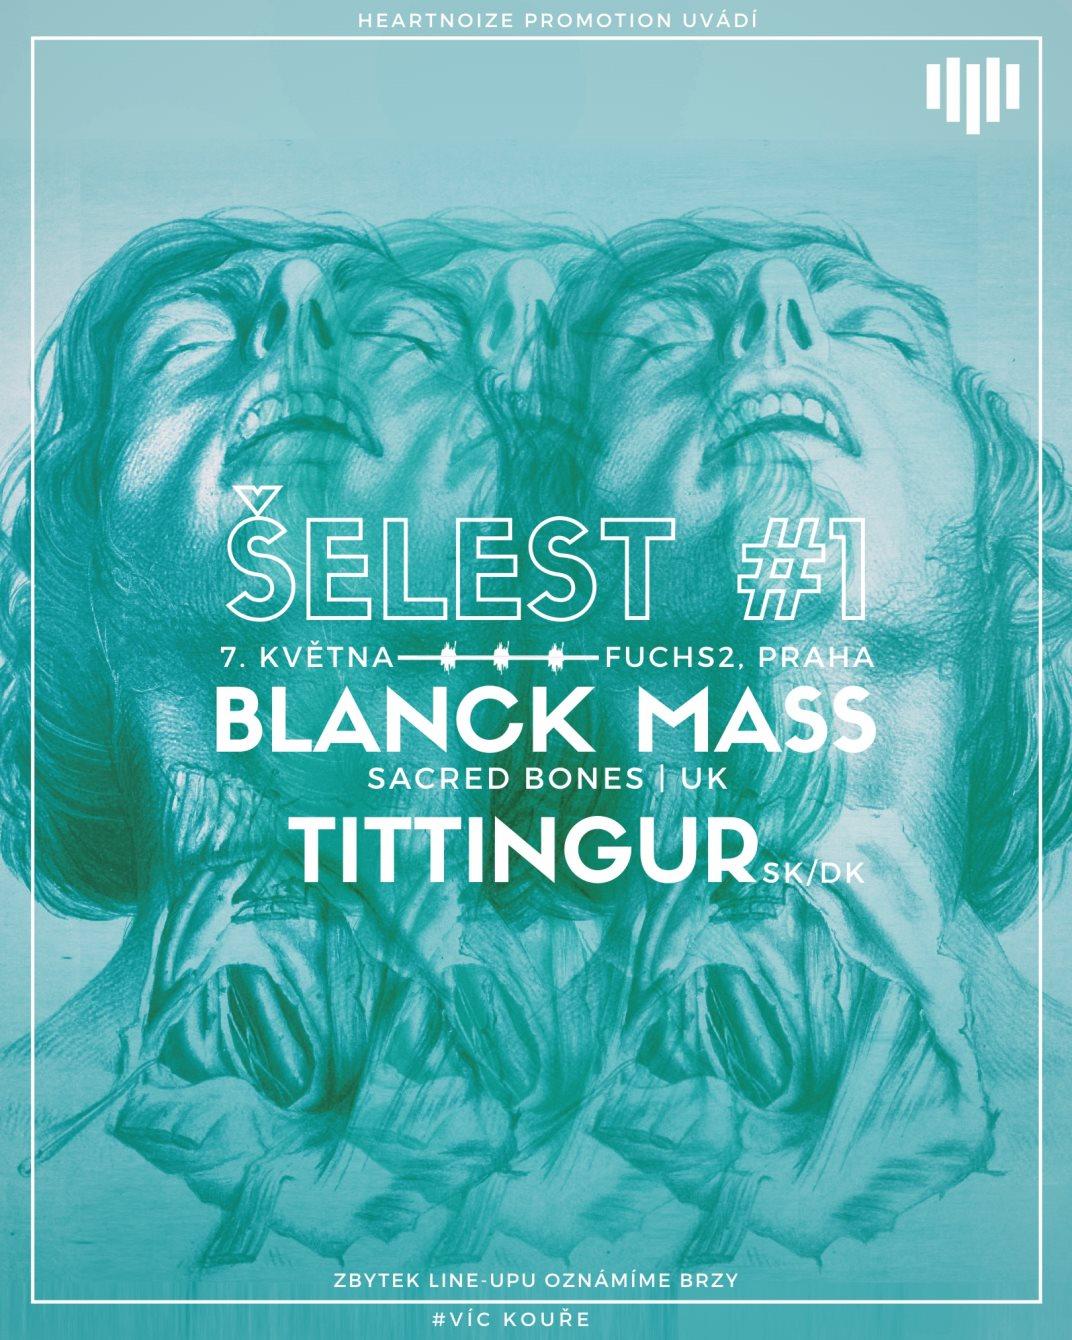 𝕊̌𝔼𝕃𝔼𝕊𝕋 #𝟙: Blanck Mass (uk, Sacred Bones), Tittingur - Flyer front